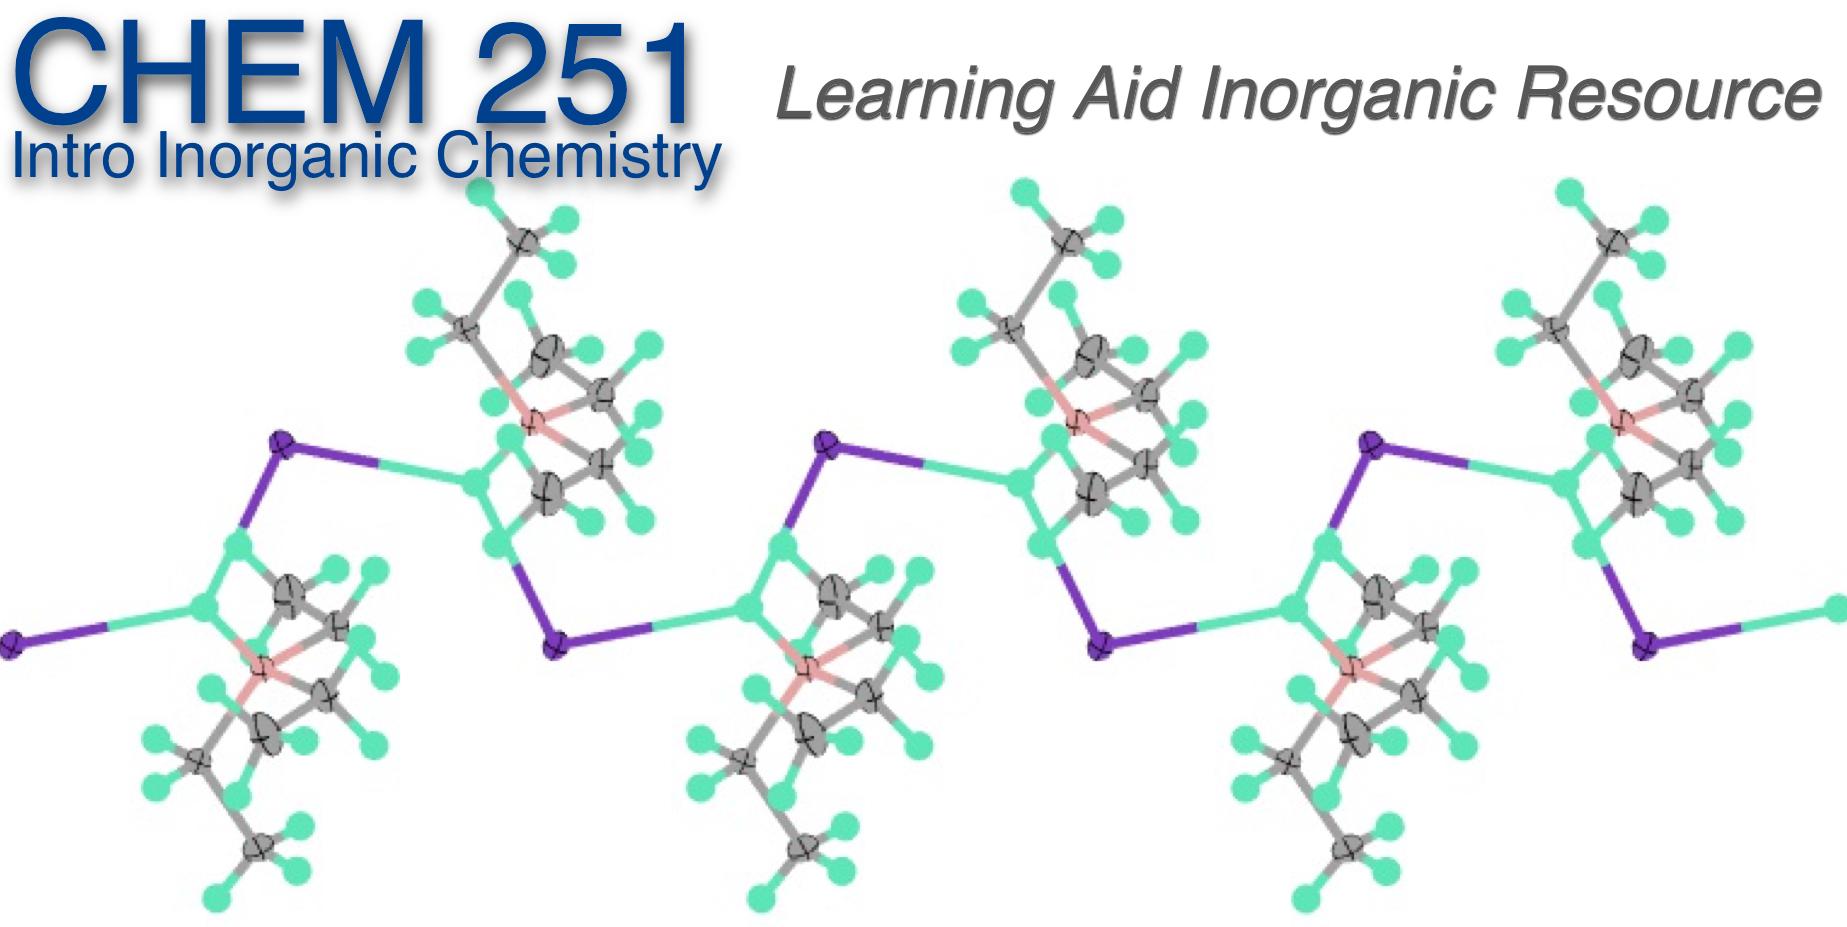 Chem 251